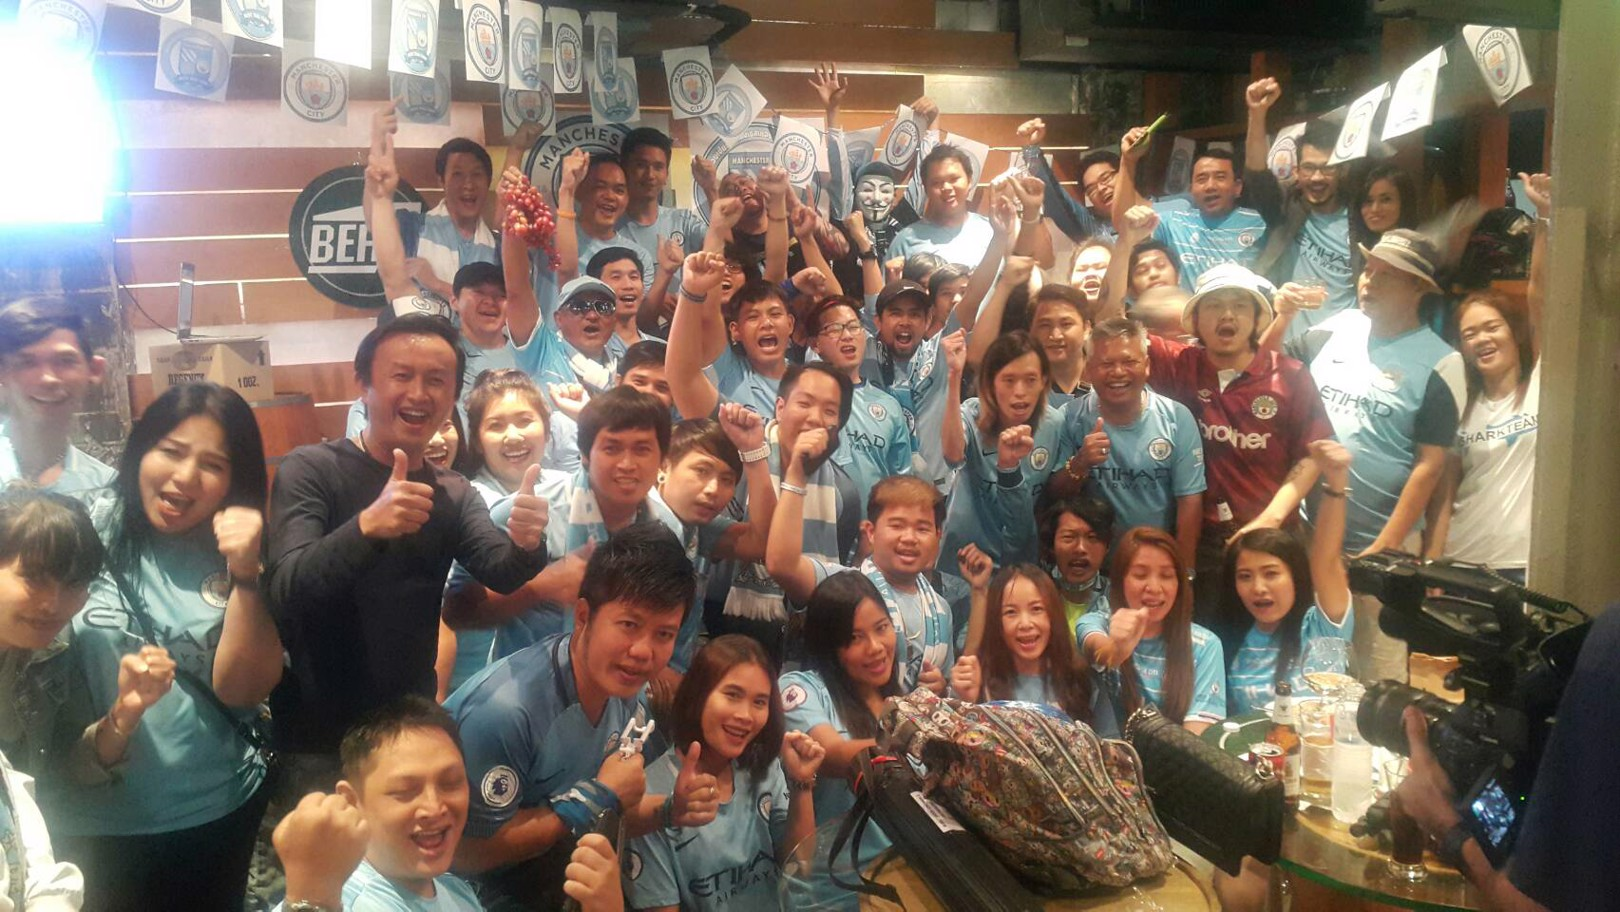 แฟนบอลชาวไทยรวมพลมาชมแมนเชสเตอร์ ดาร์บี้ ที่เอกมัย กรุงเทพฯ 7 เม.ย. 2561